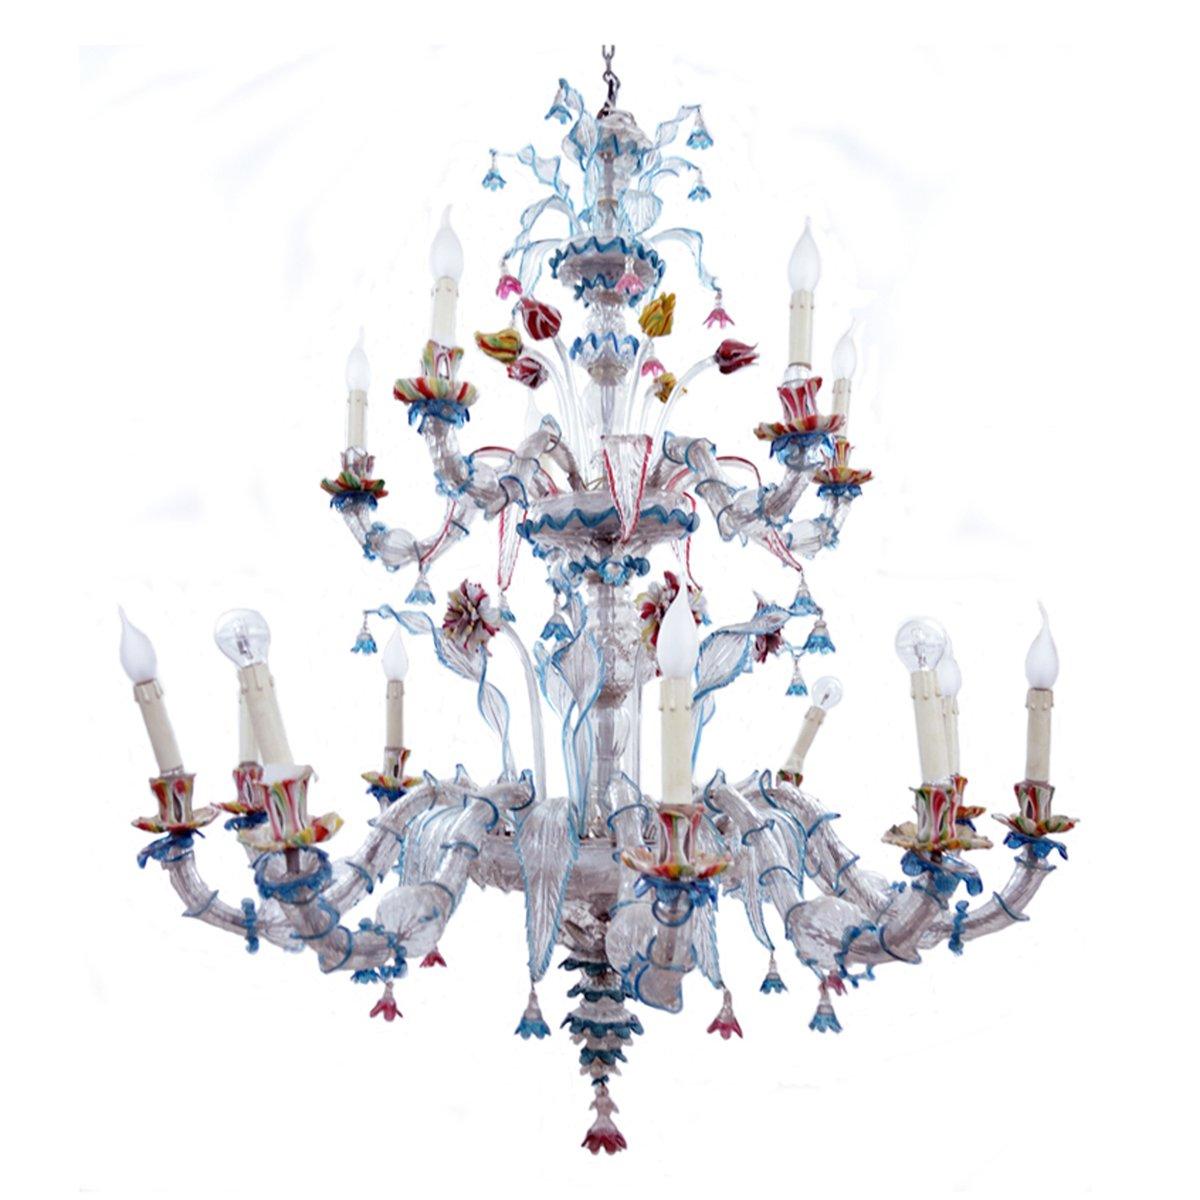 chandelier en verre de murano 1890s en vente sur pamono. Black Bedroom Furniture Sets. Home Design Ideas